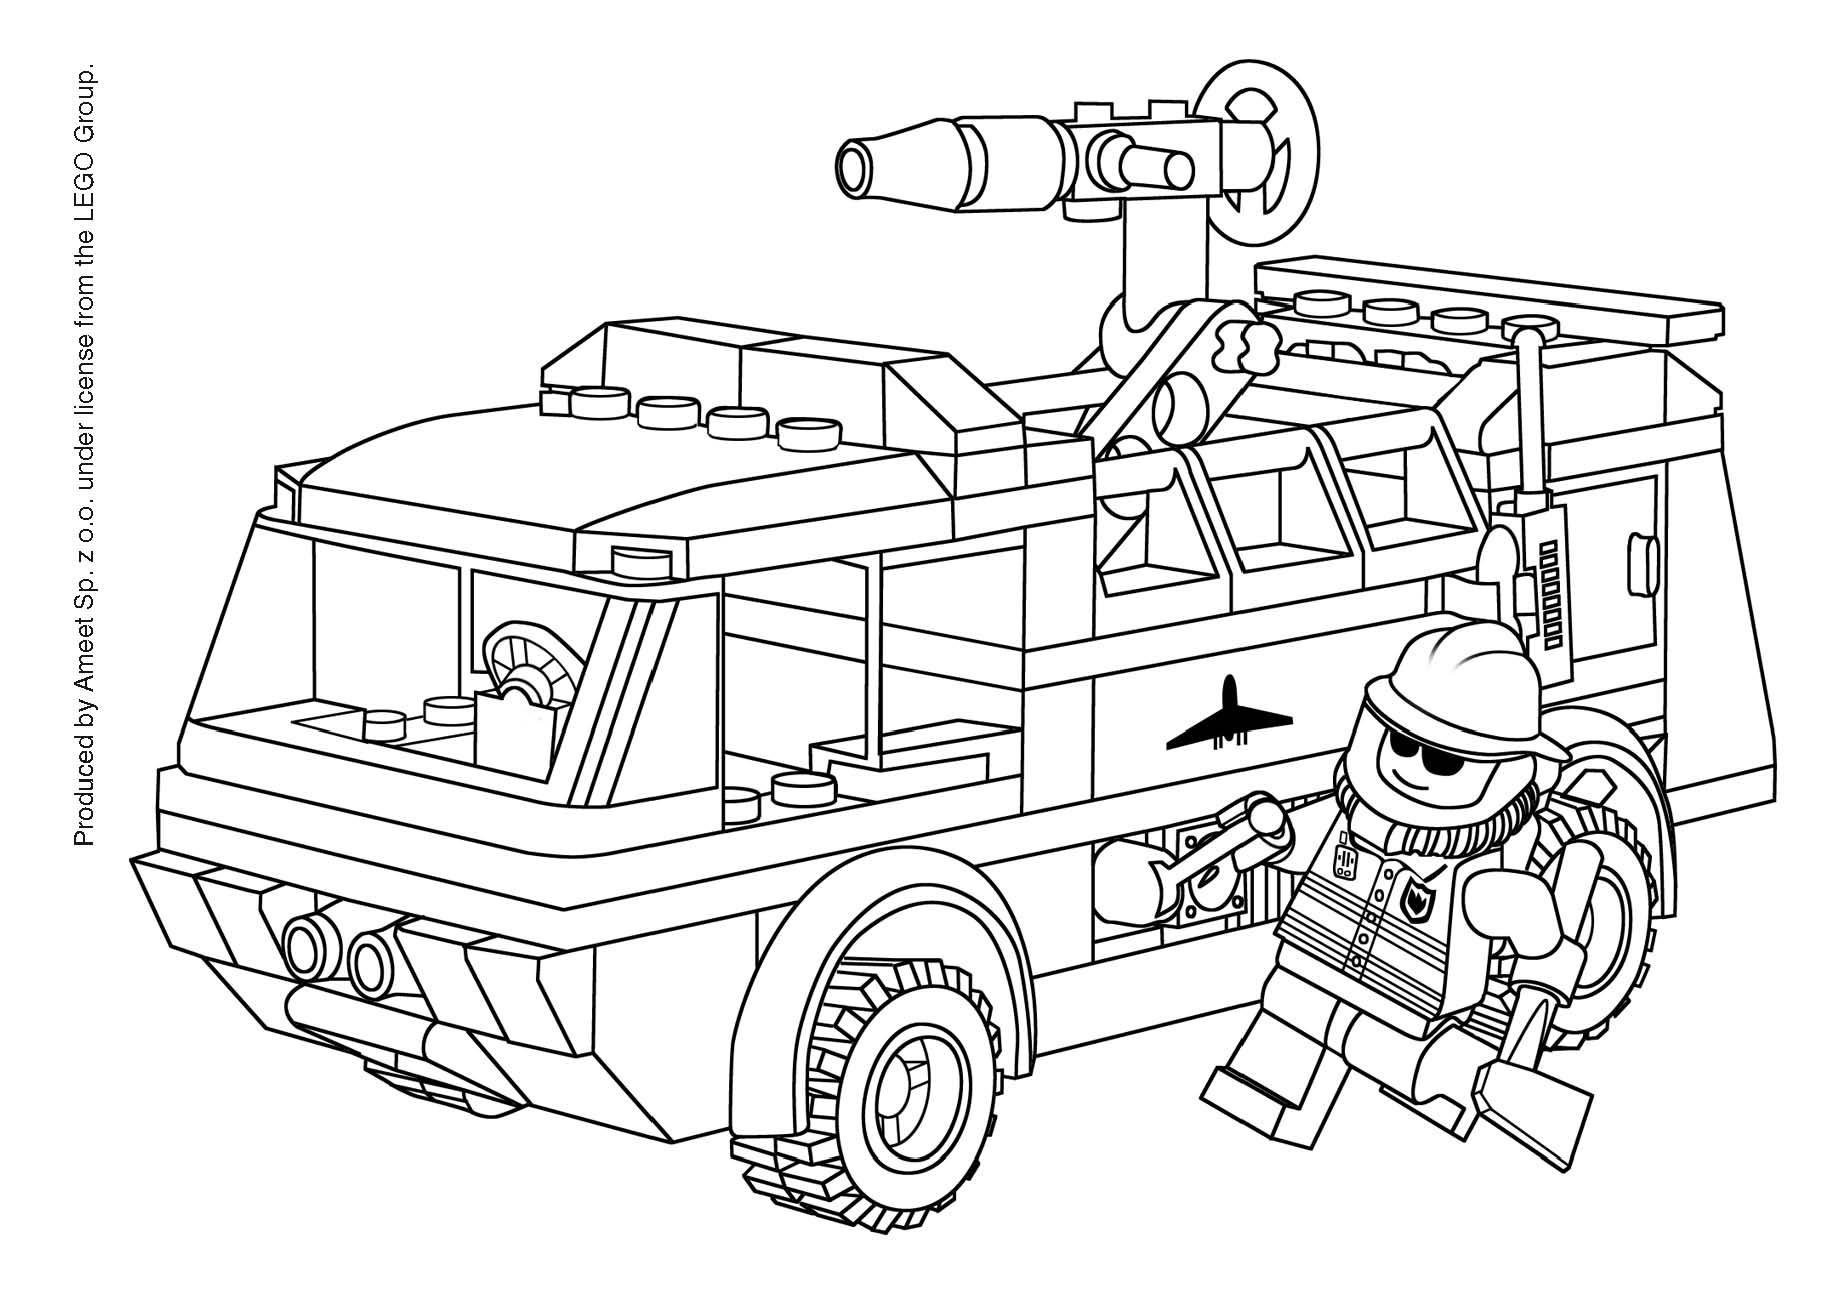 Camion De Pompier 7 Transport Coloriages Imprimer Coloriages serapportantà Coloriage Camion De Pompier Gratuit À Imprimer